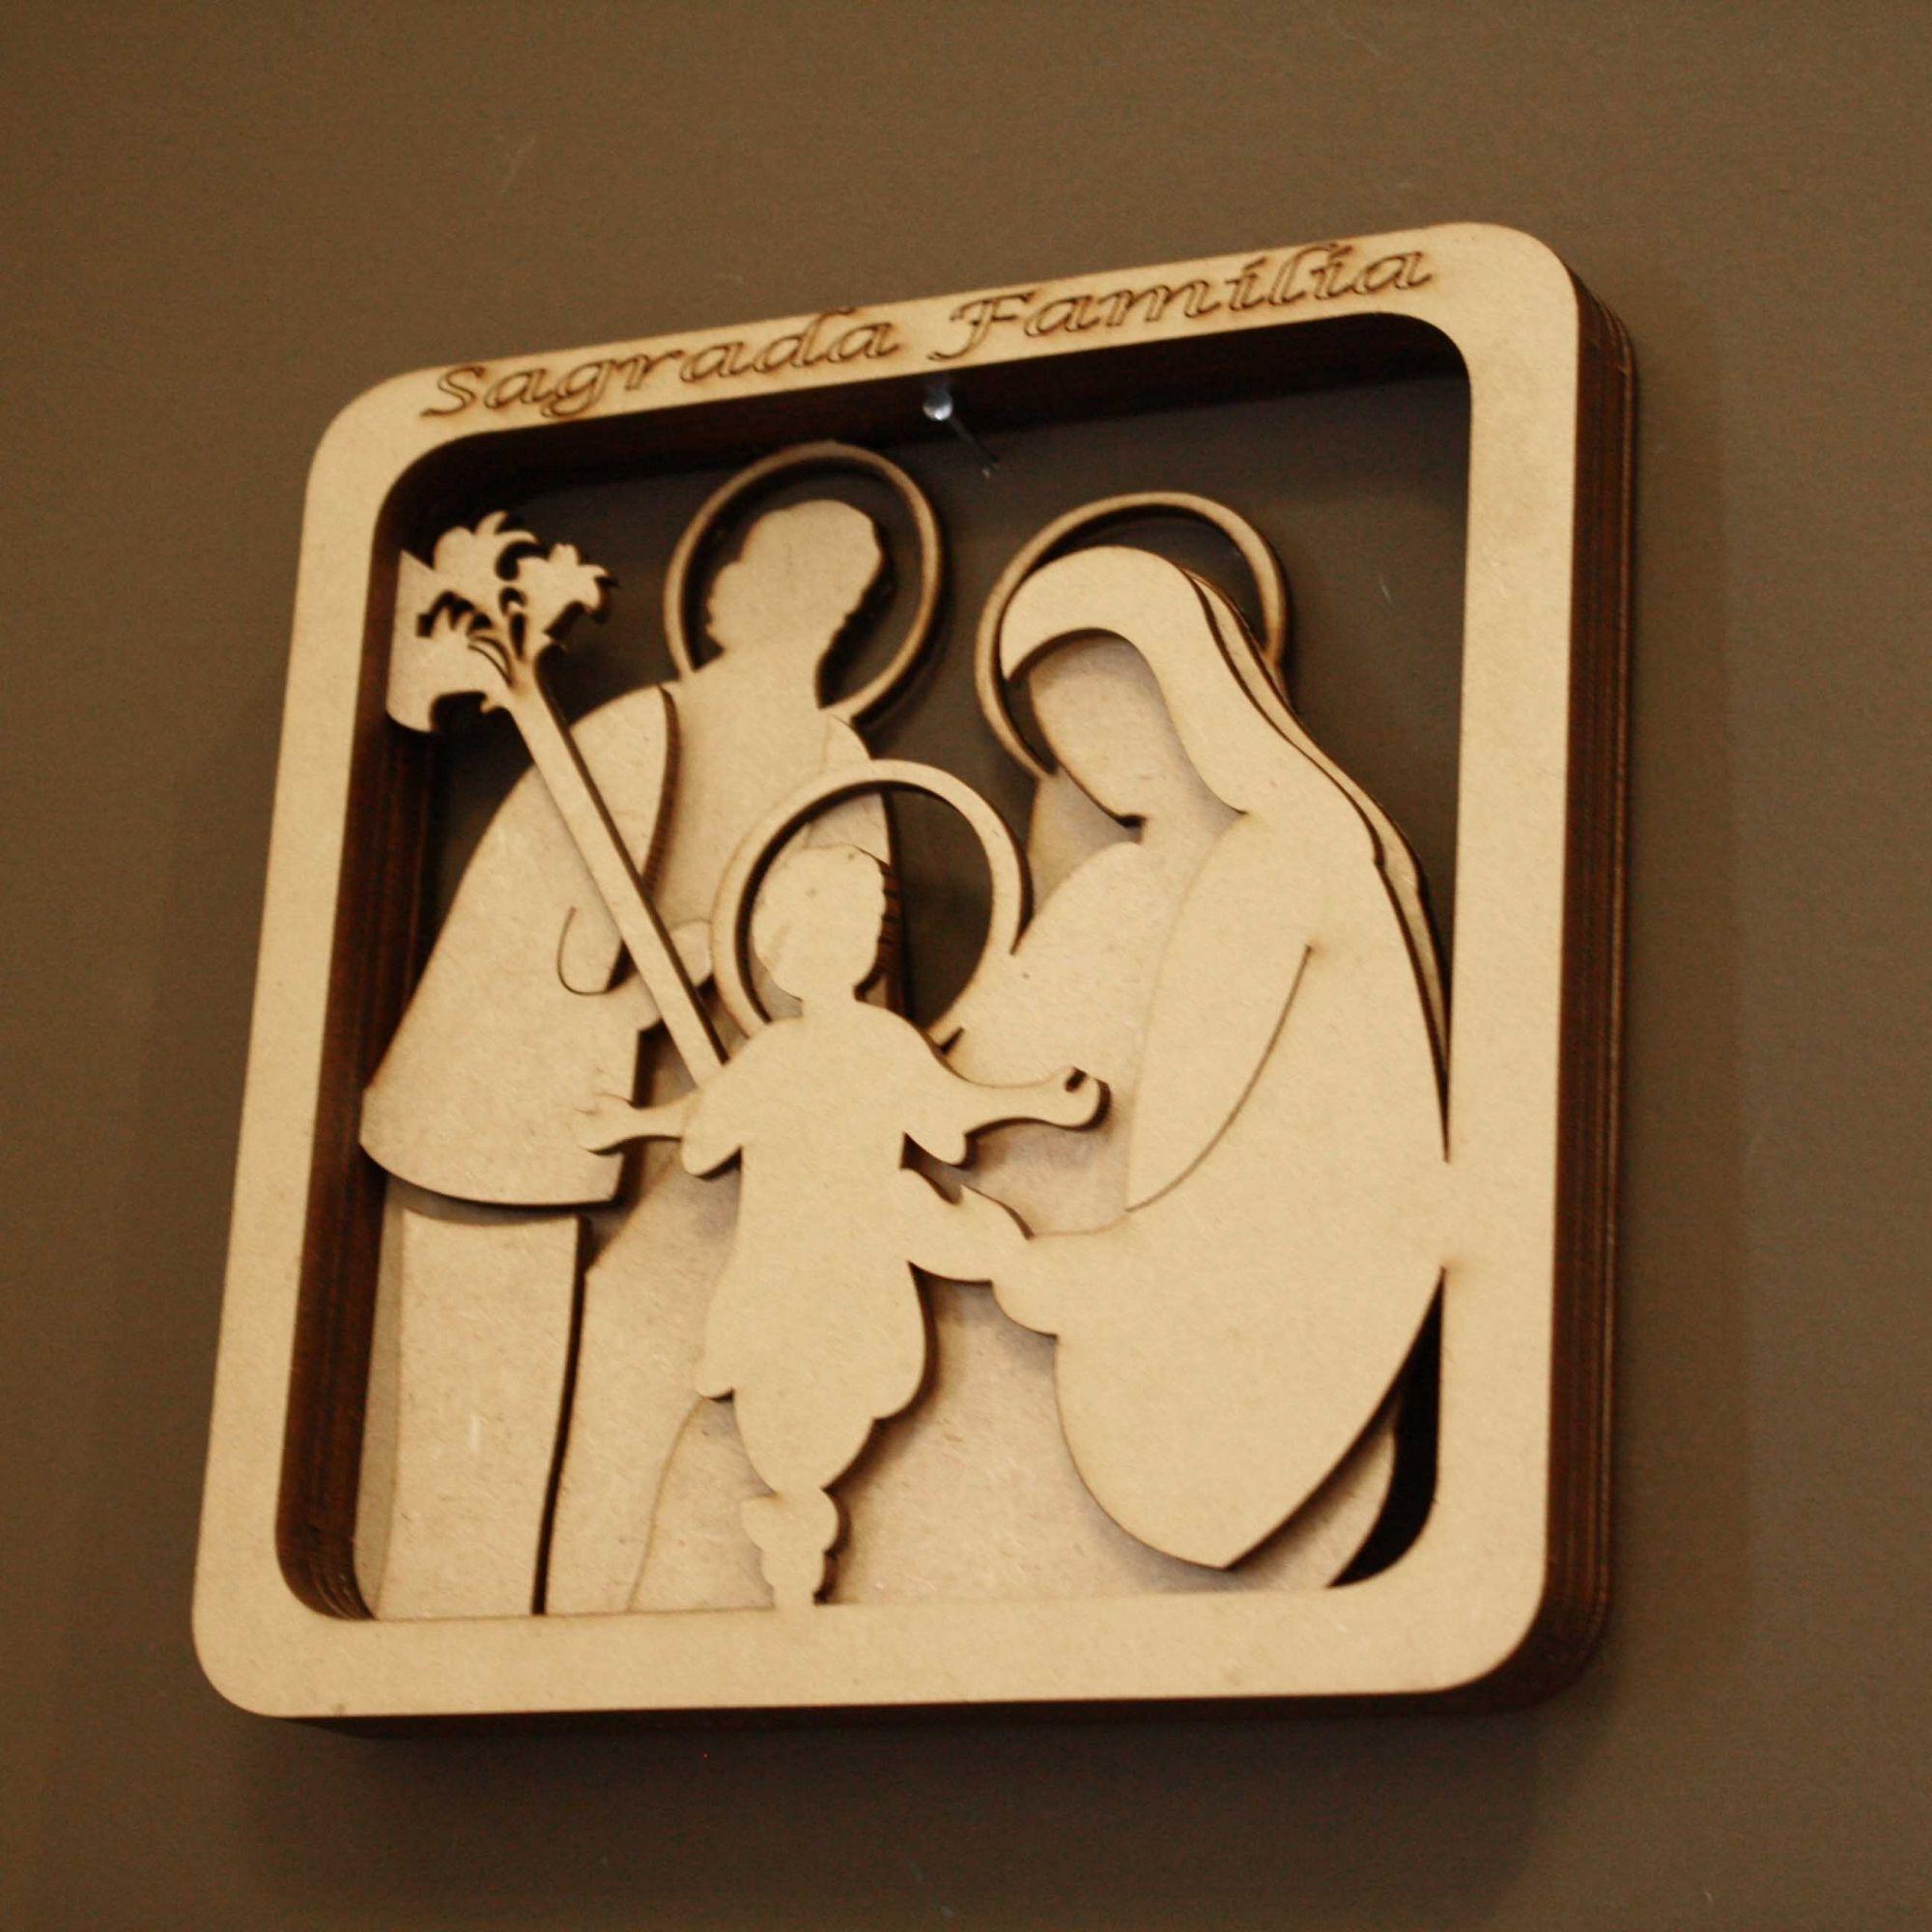 Quadro 3D - Sagrada Família - Cru  - Universo Religioso® - Artigos de Umbanda e Candomblé